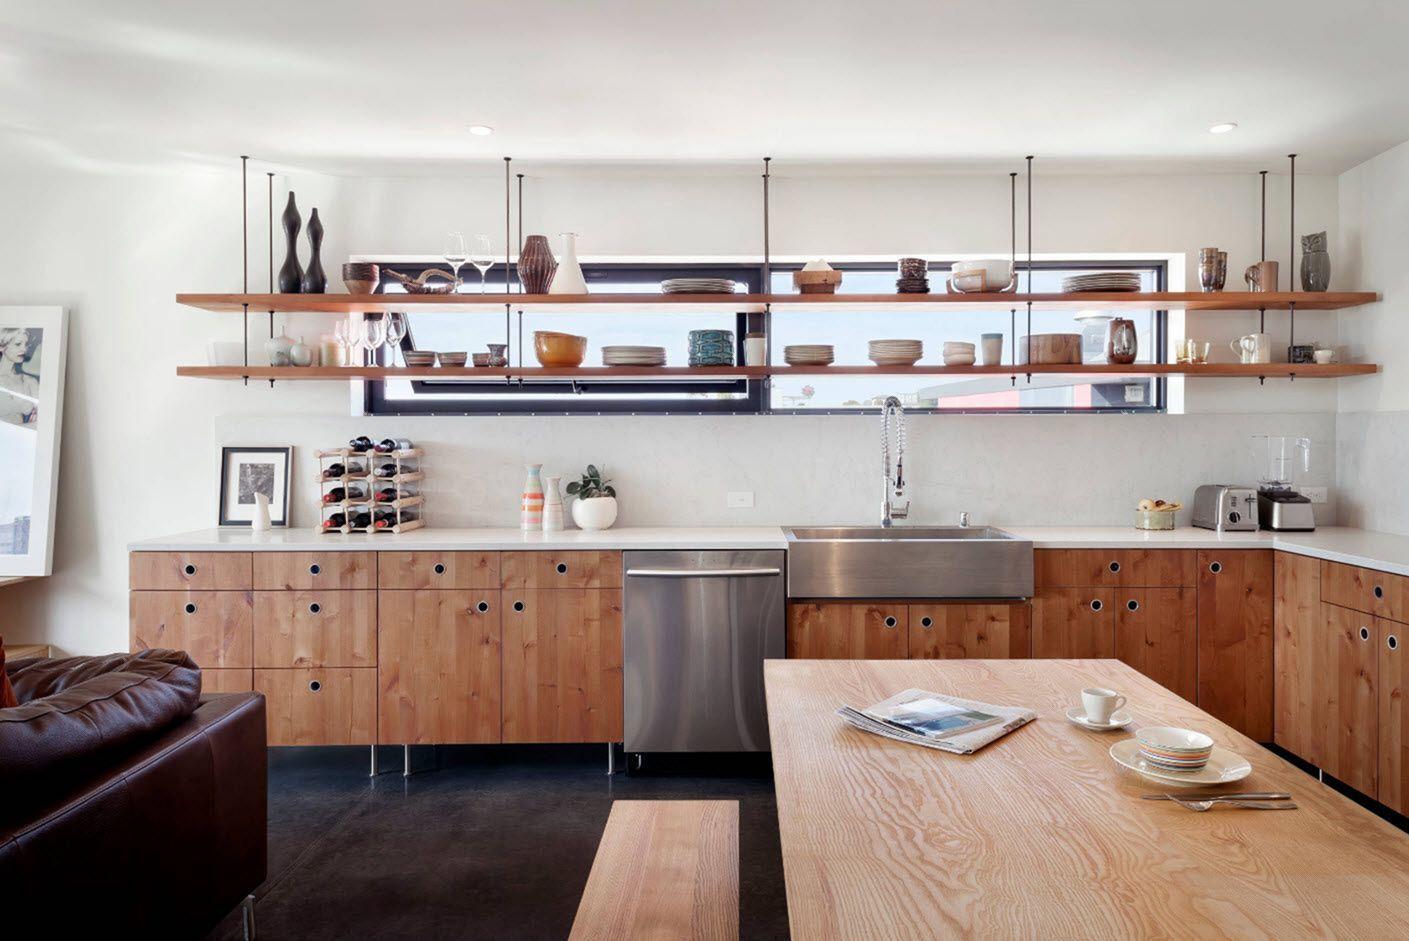 10 Wonderful Kitchen Wood Shelf Design Ideas For Storage In Your